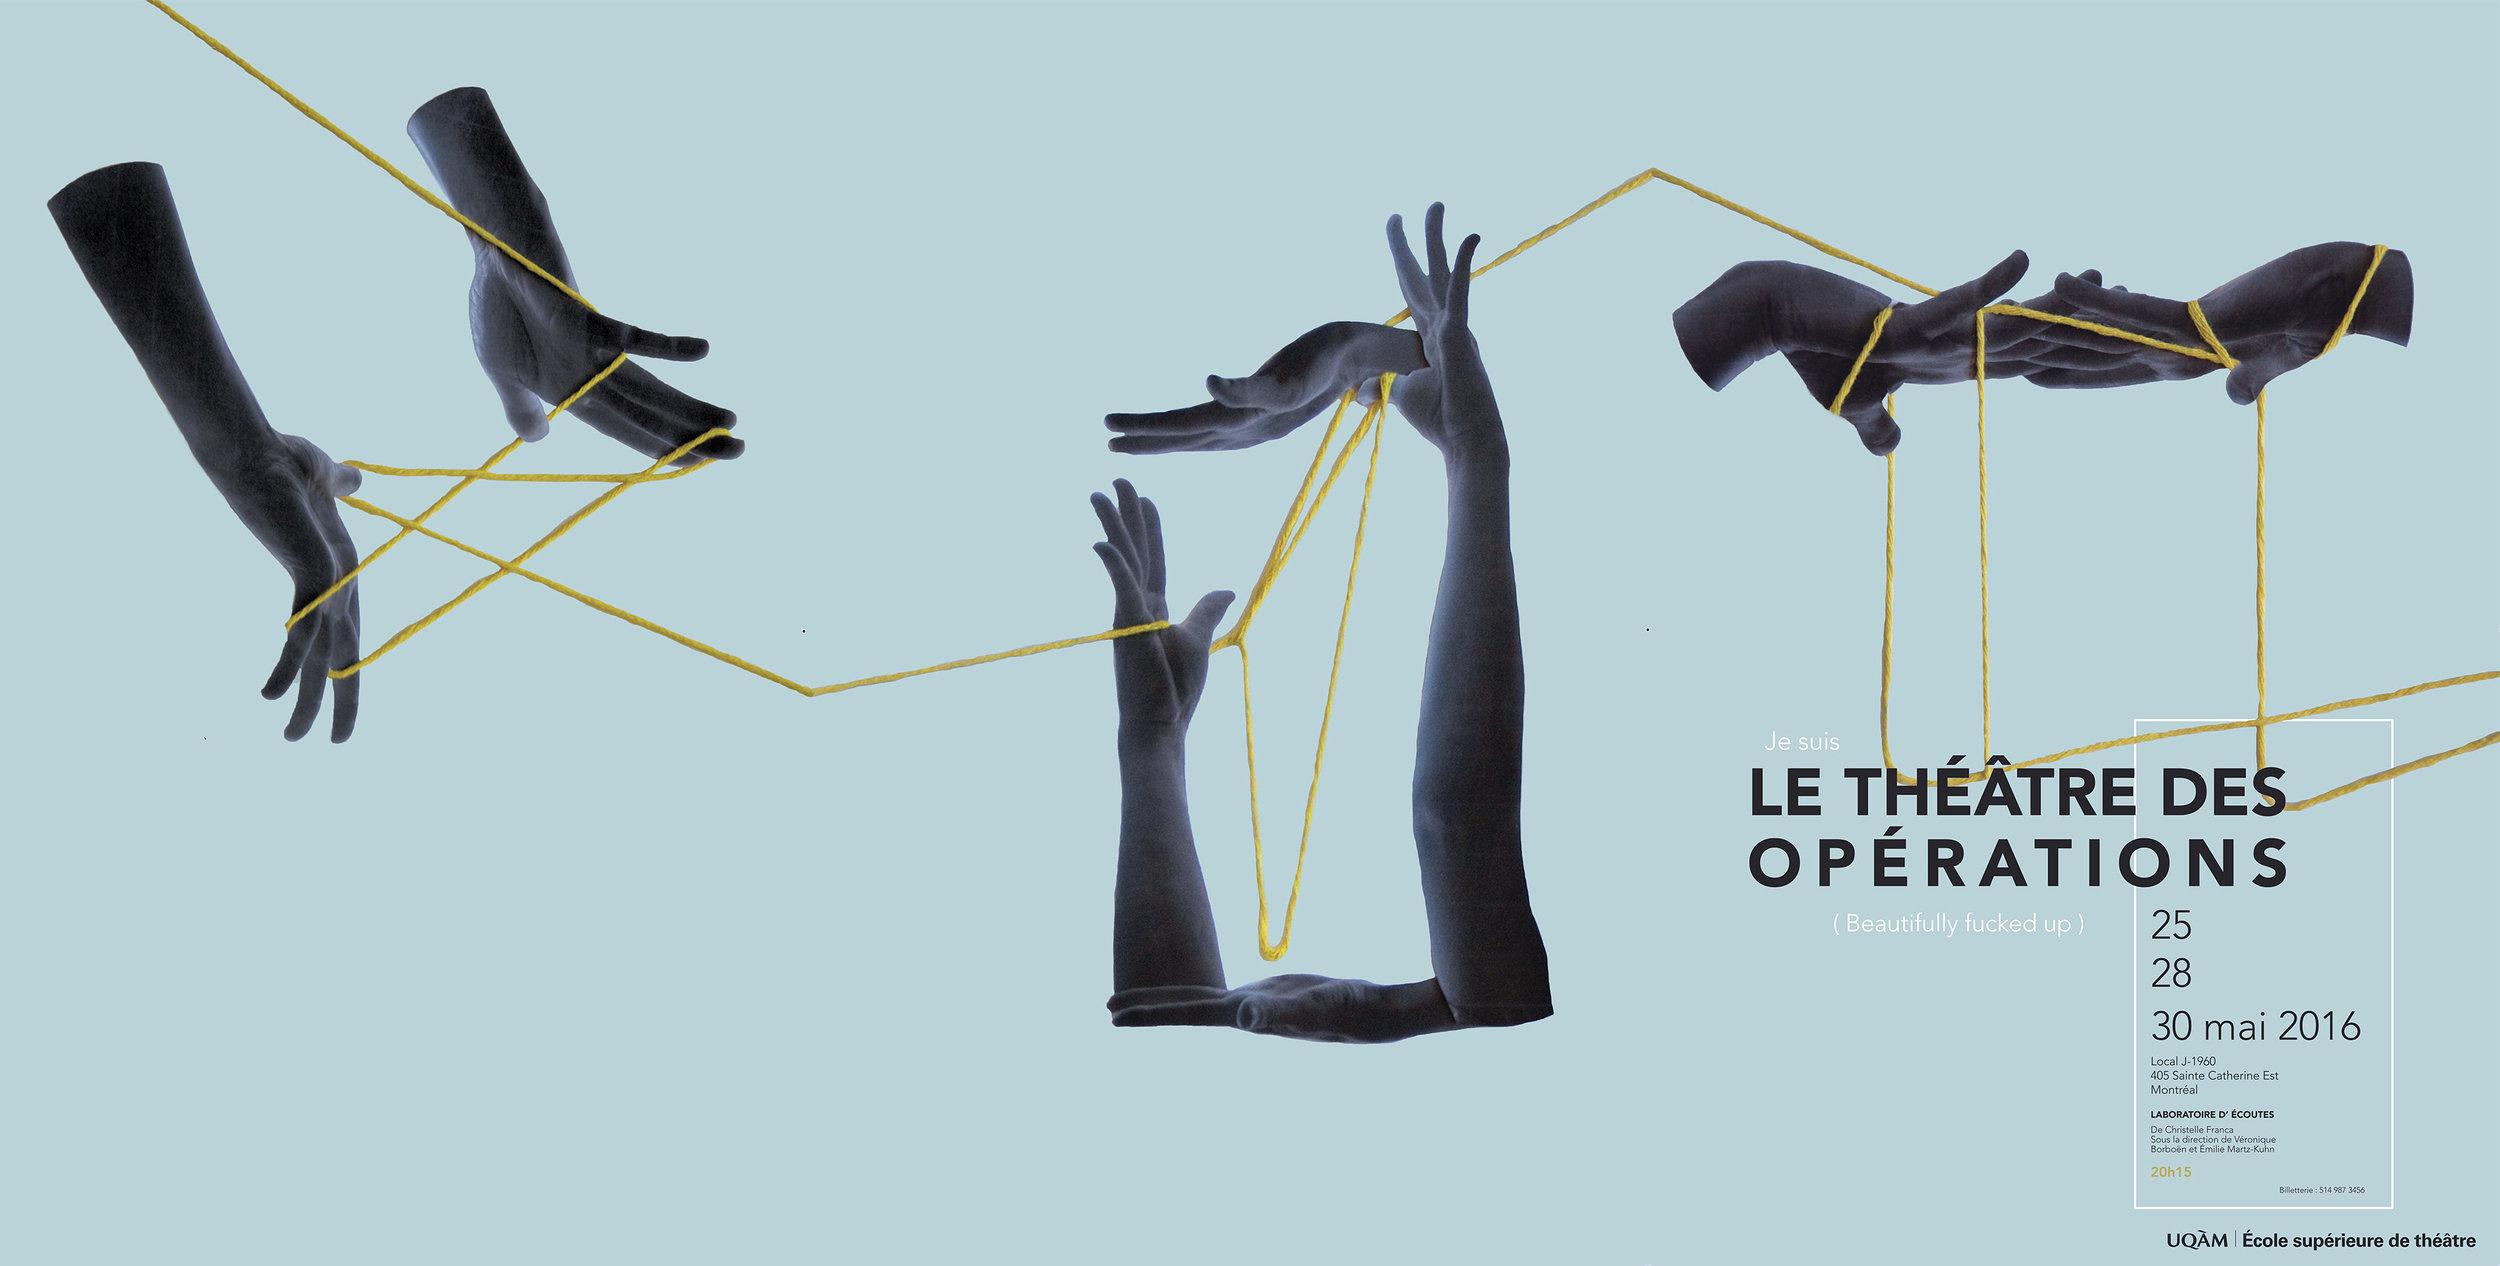 Affiche des perforrmances, realisée en collaboration avec Cecile Lebec.